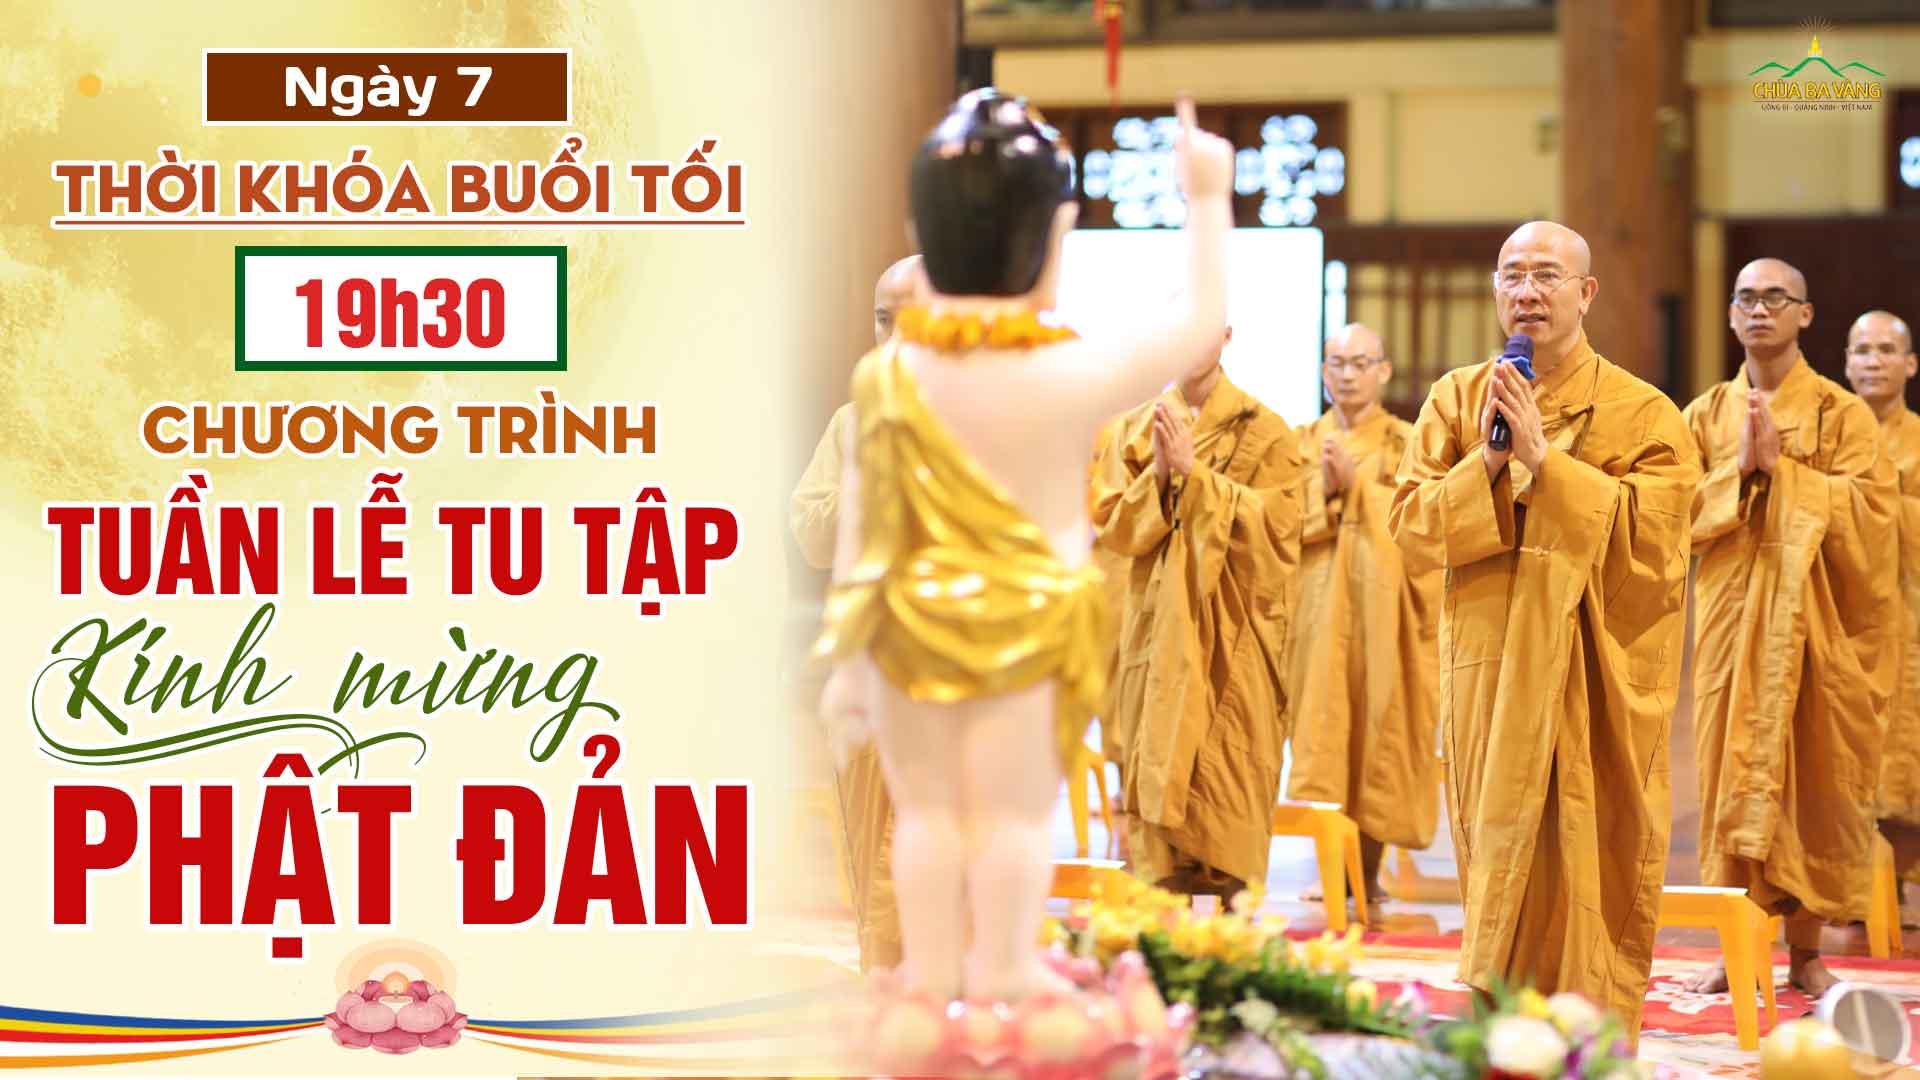 [Thời khóa tối – ngày 7] Chương trình Tuần lễ tu tập kính mừng Khánh đản